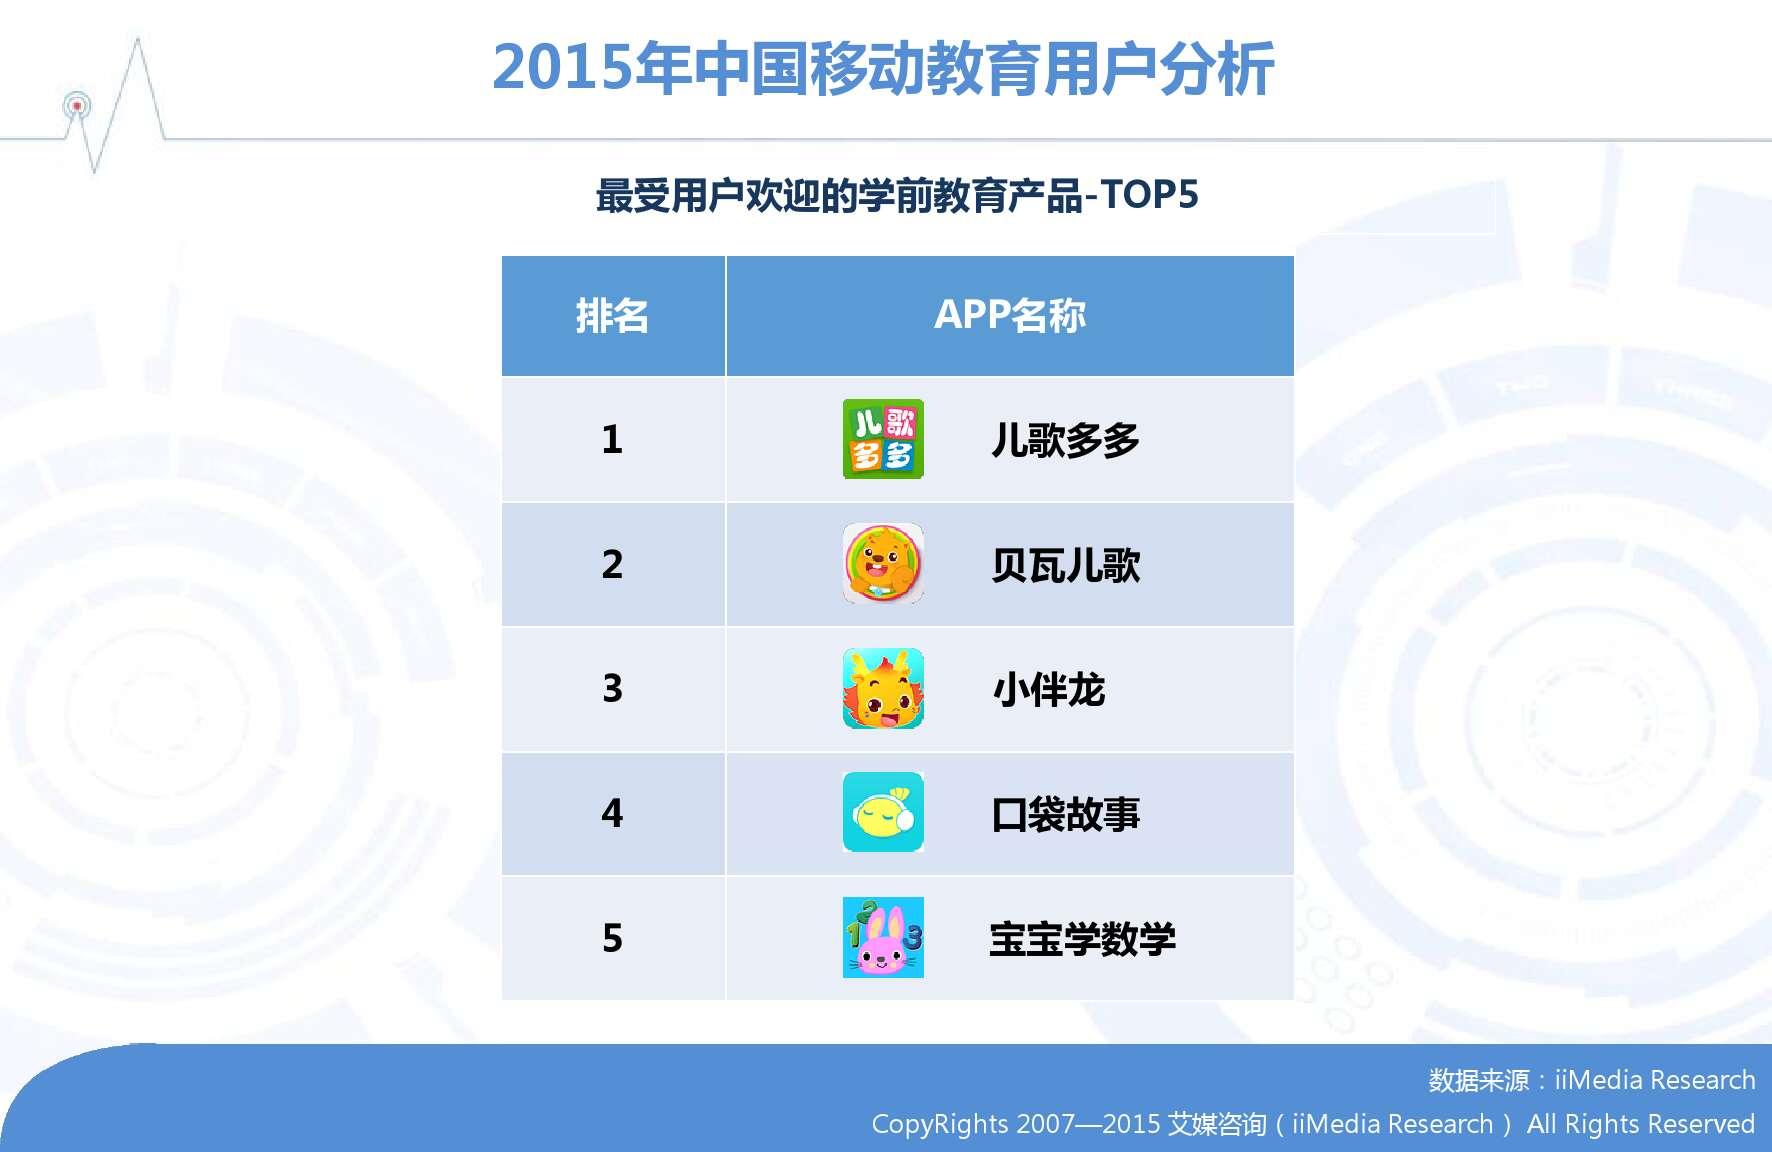 2015-2016年中国移动教育市场研究报告_000018